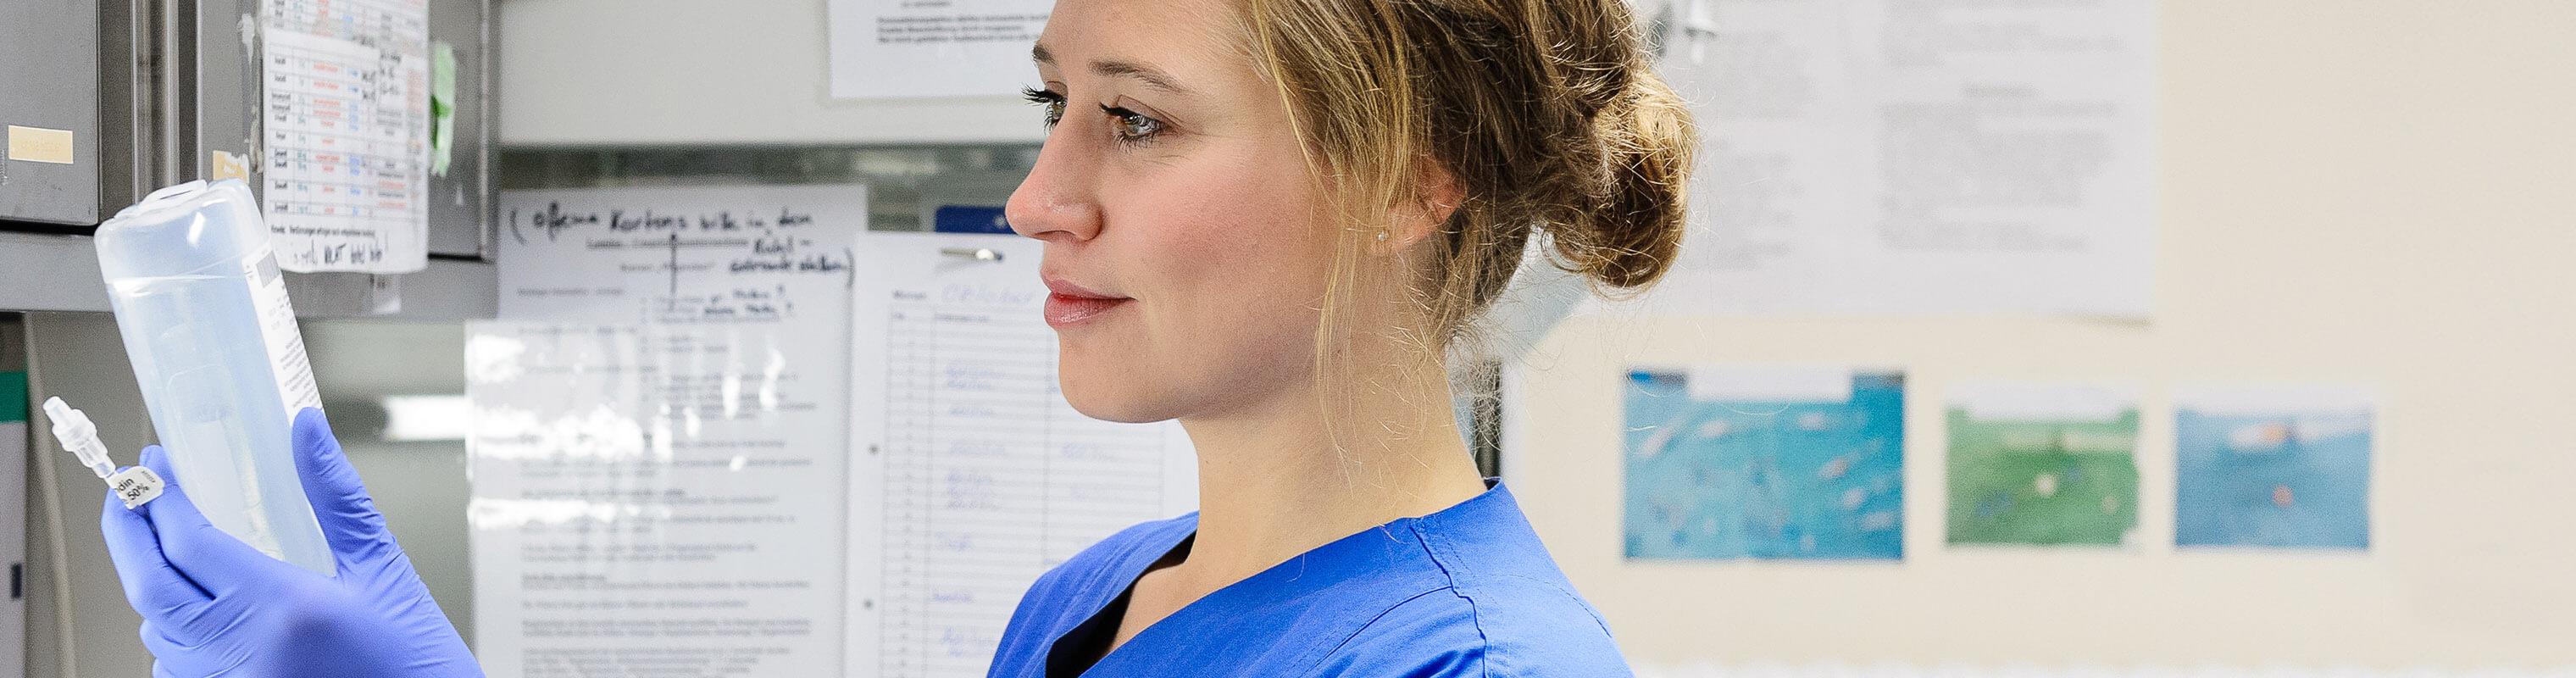 bewirb dich auf eine stelle in der kinderkrankenpflege der uniklinik kln - Uni Kln Online Bewerbung